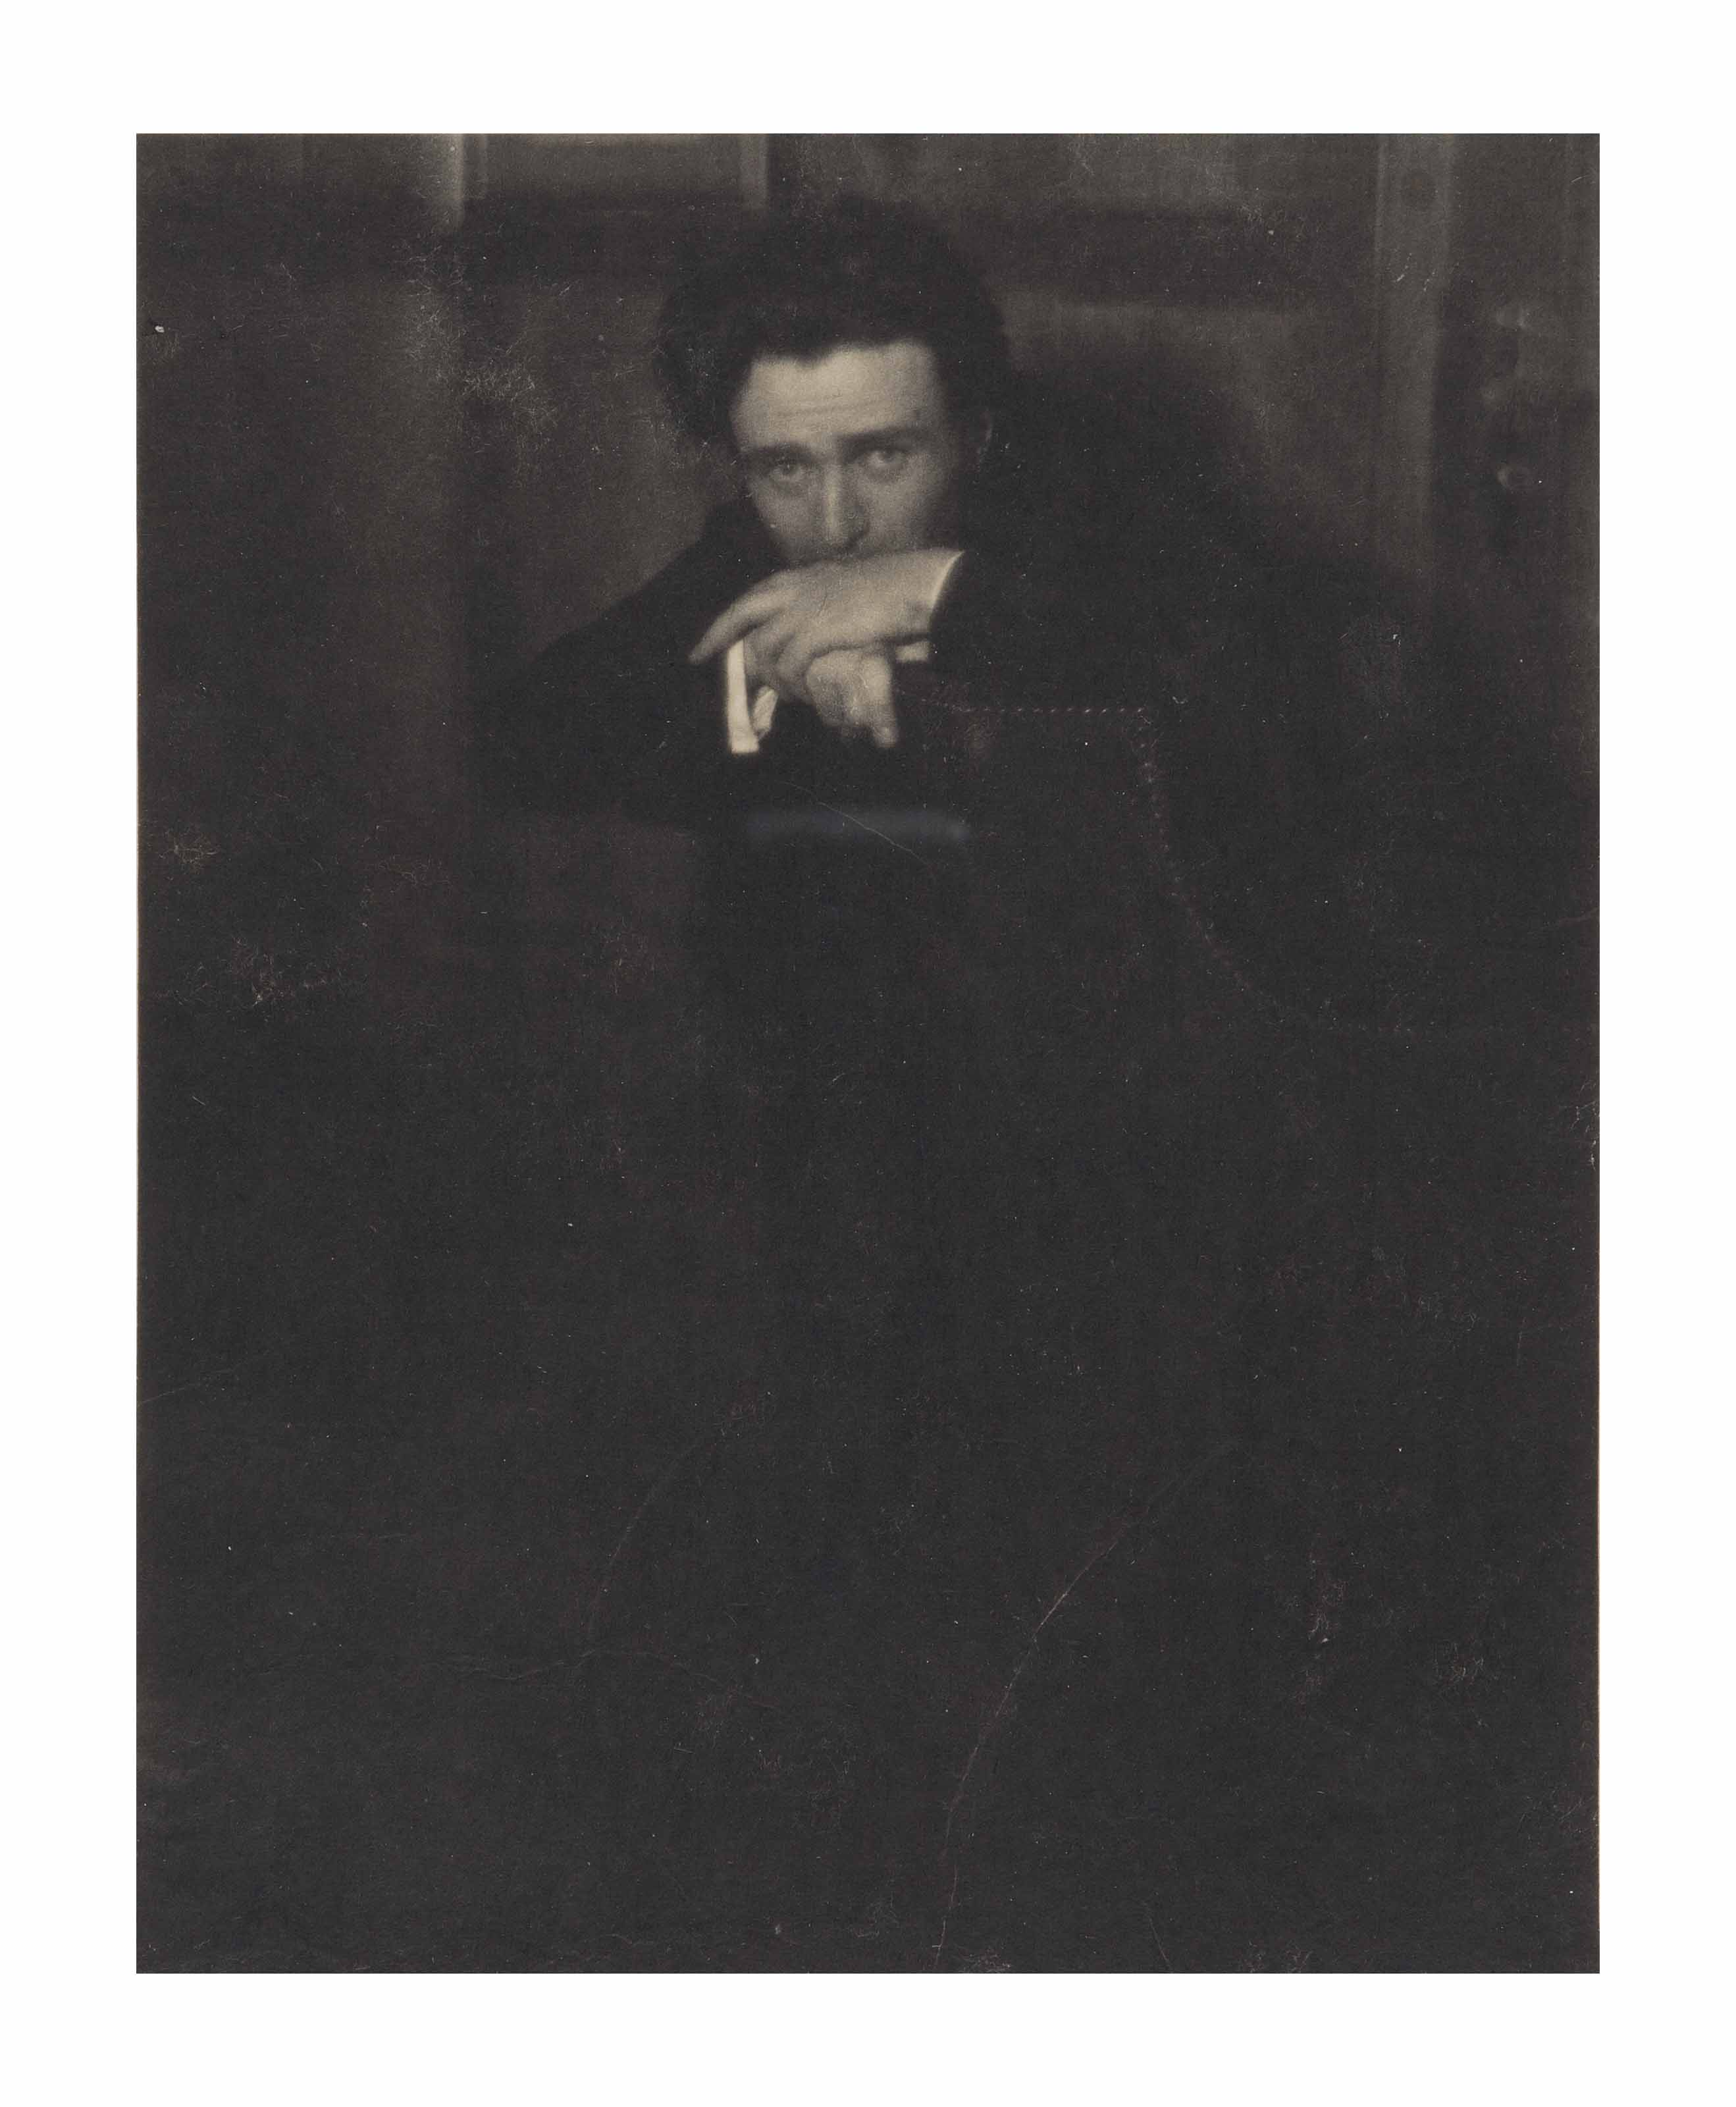 Edward Steichen, 1907